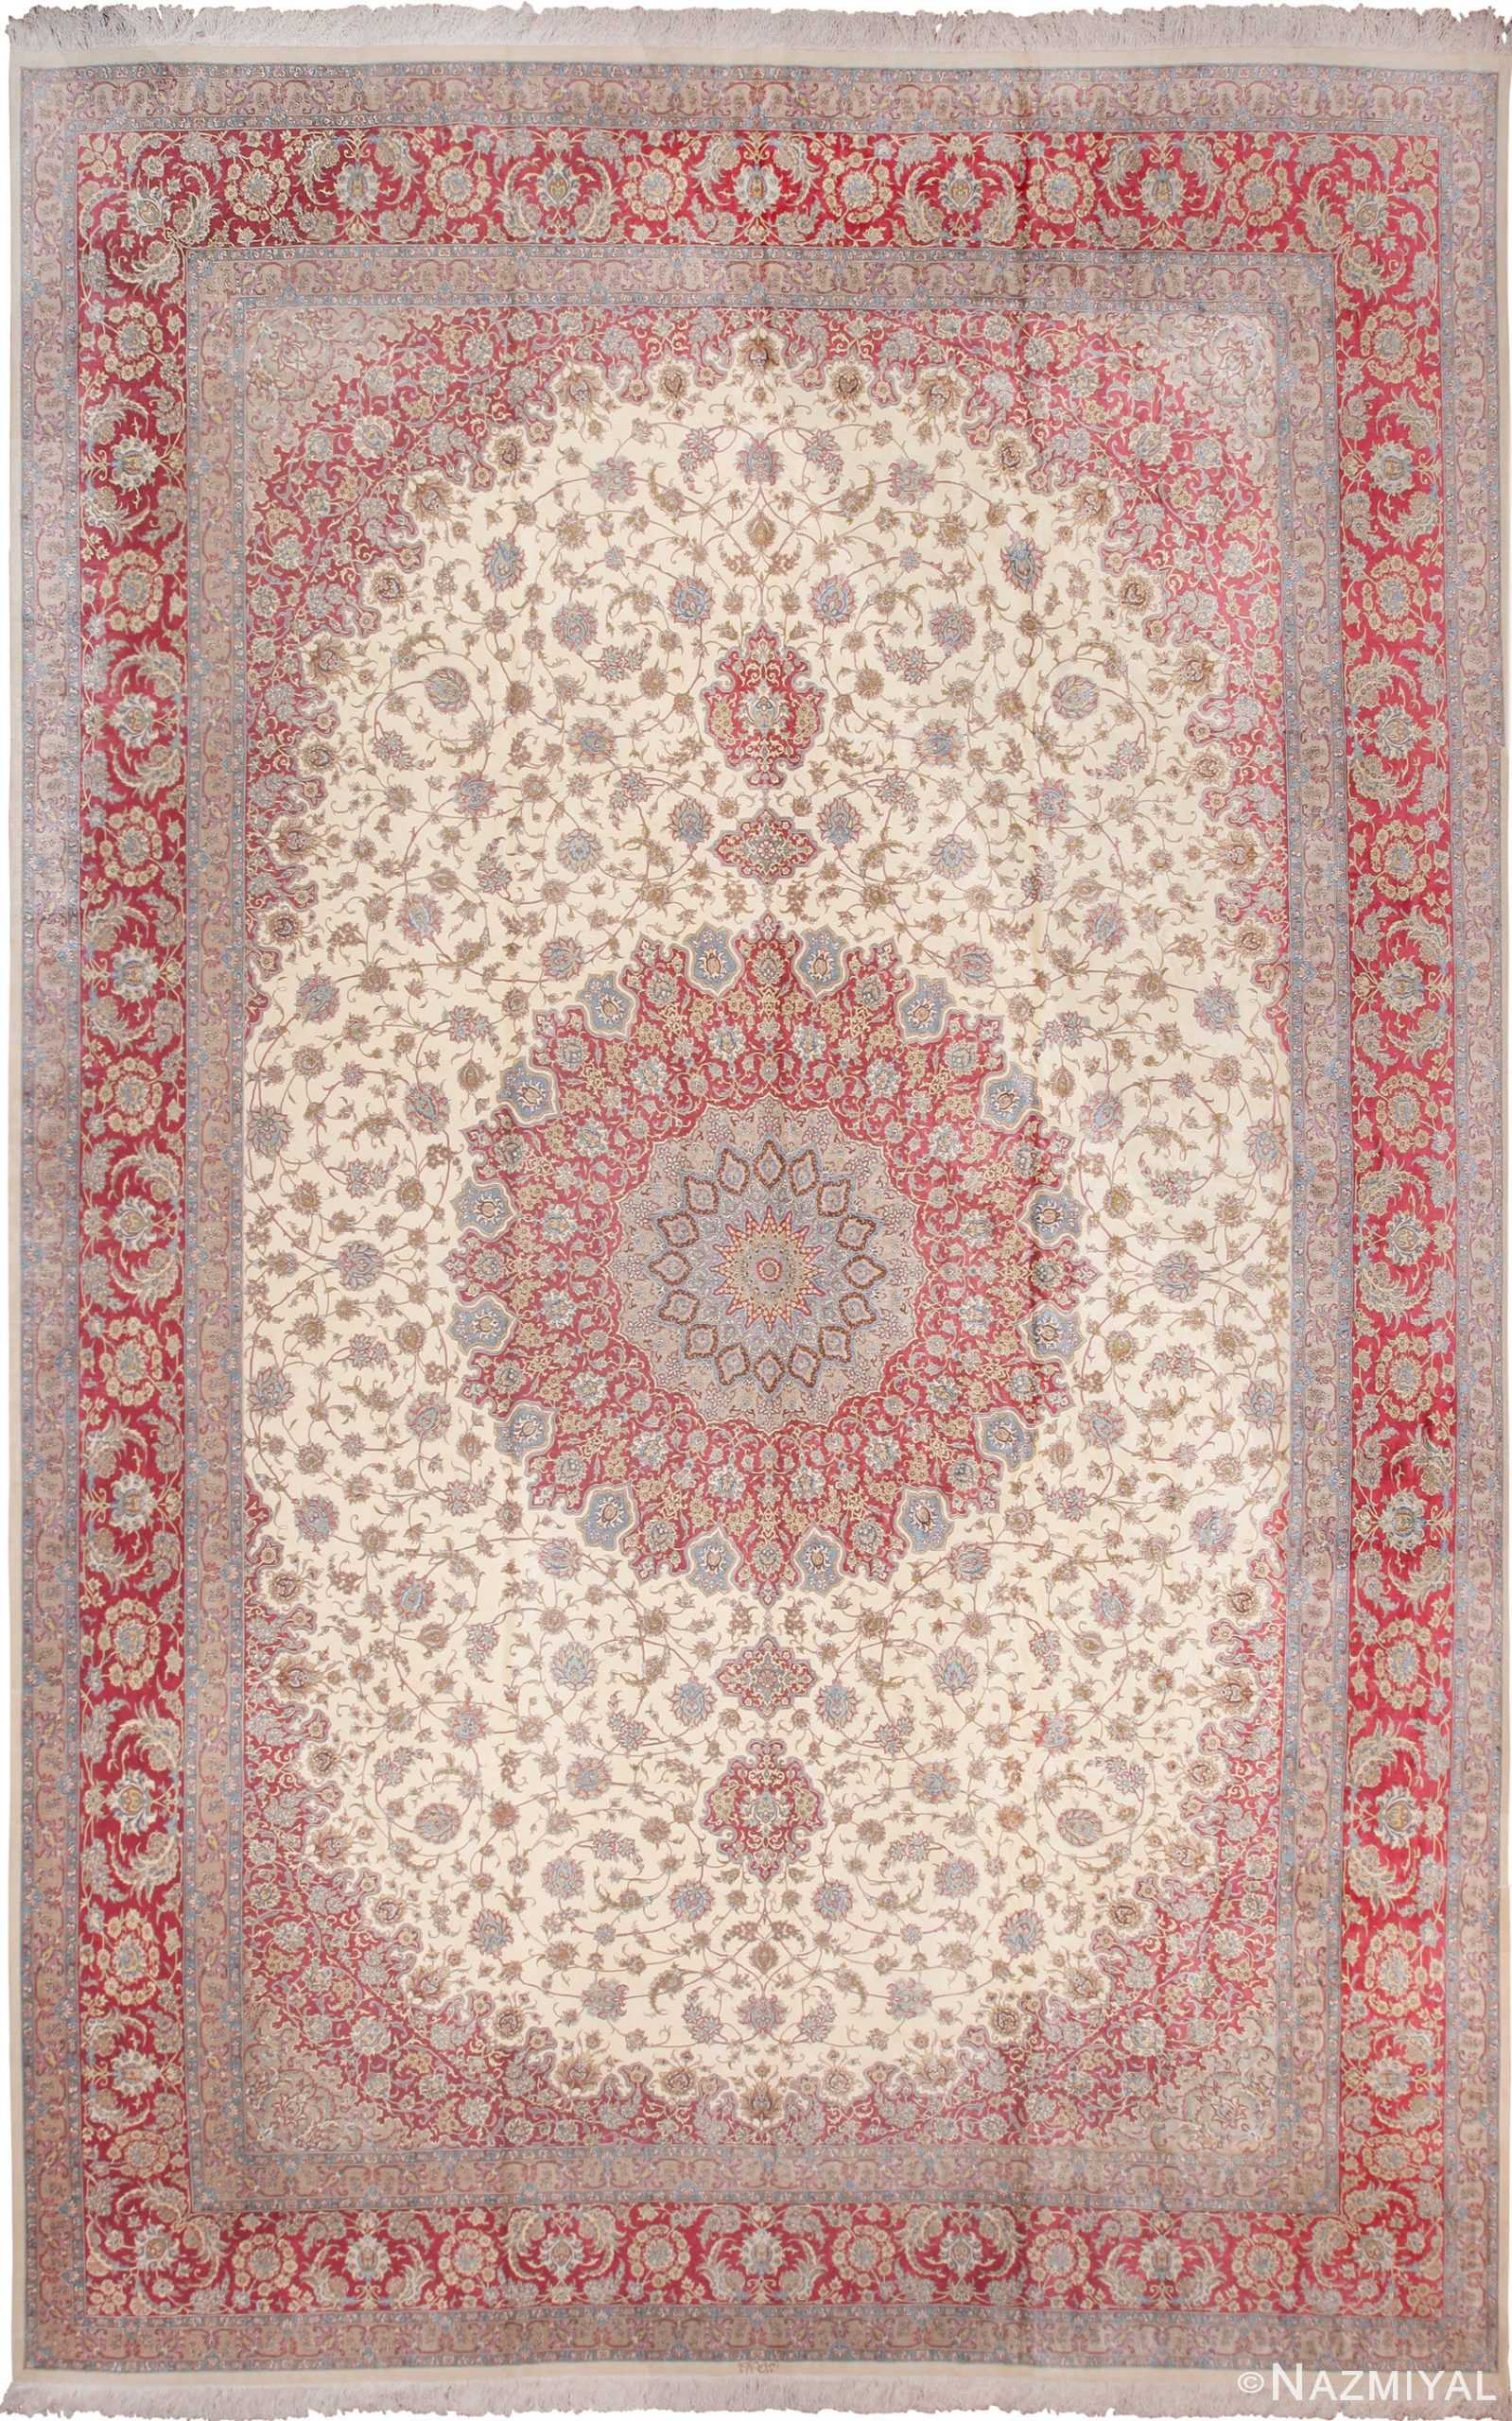 Large Vintage Persian Silk Qum Rug 60025 by Nazmiyal